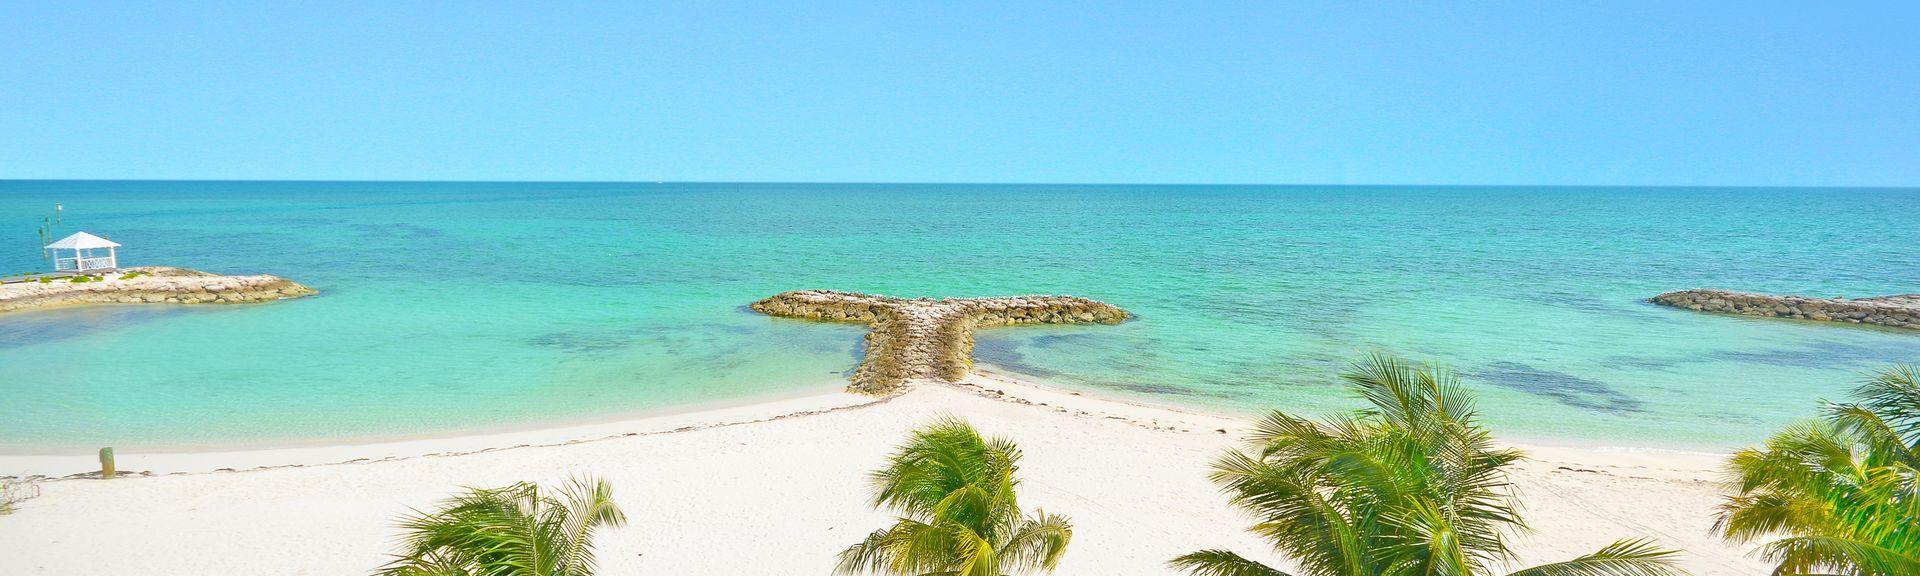 Sandy Toes, Bahamas